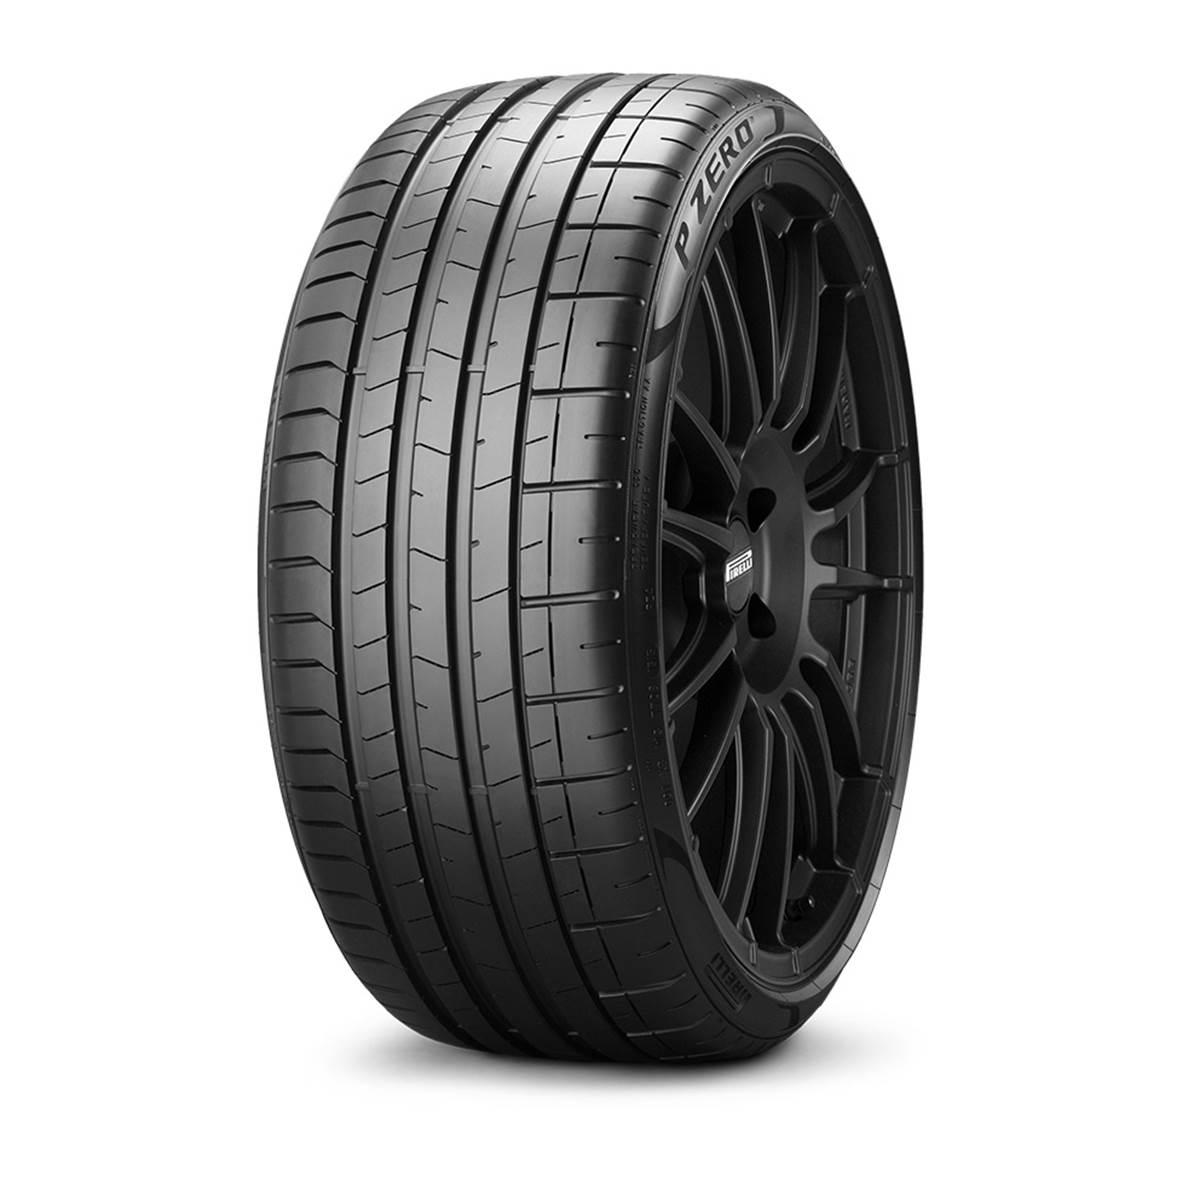 Pneu Pirelli 255/40R18 99Y Pzero XL